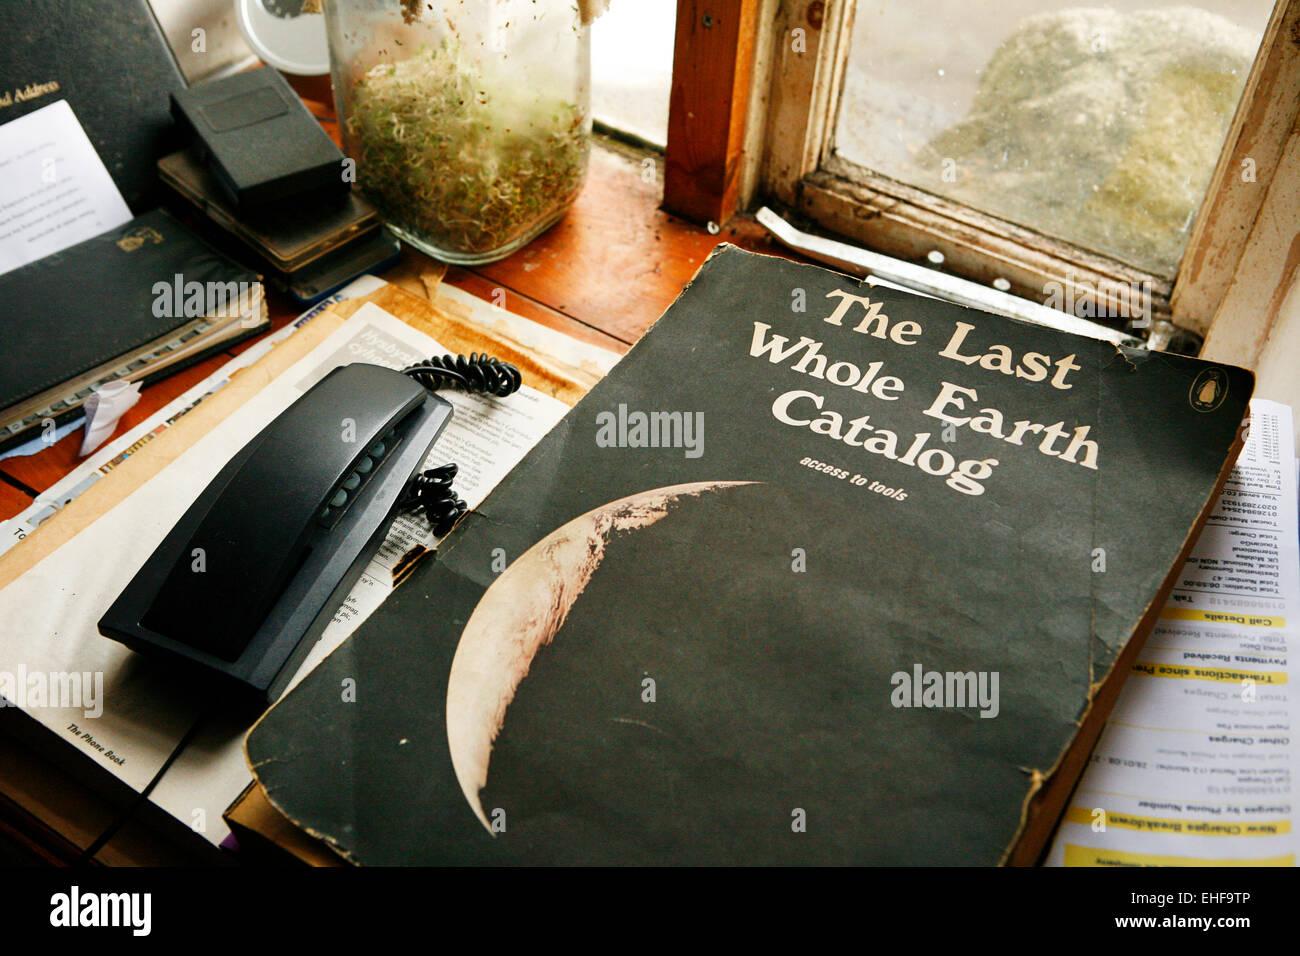 L'ultimo tutta la terra libro catalogo a tende Tepee Valle un eco comunità vicino Talley in Galles. Immagini Stock